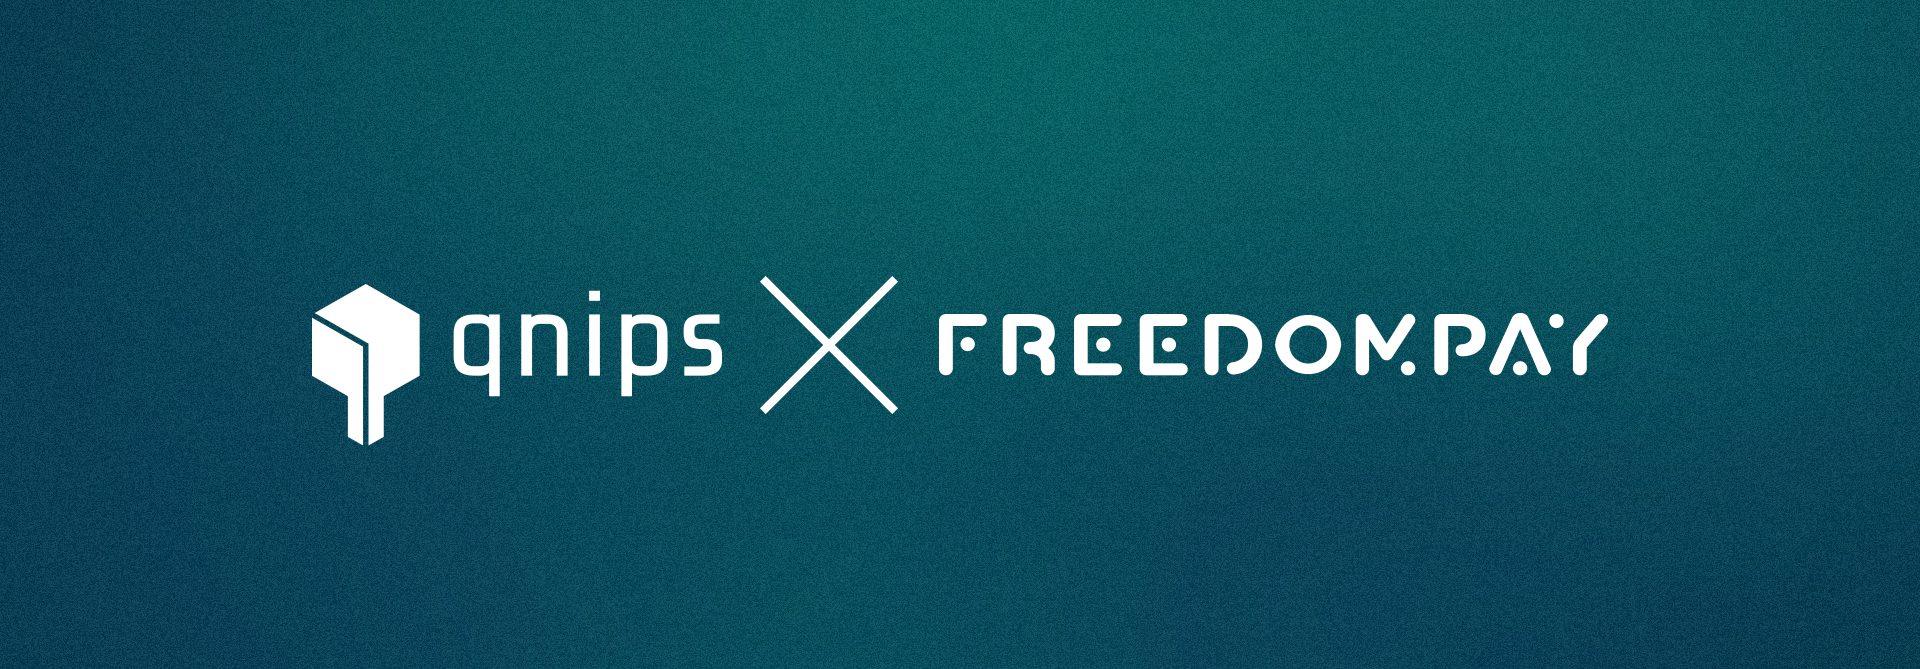 qnips kooperiert mit FreedomPay, um das volle Potential mobilen Bezahlens auszuschöpfen.